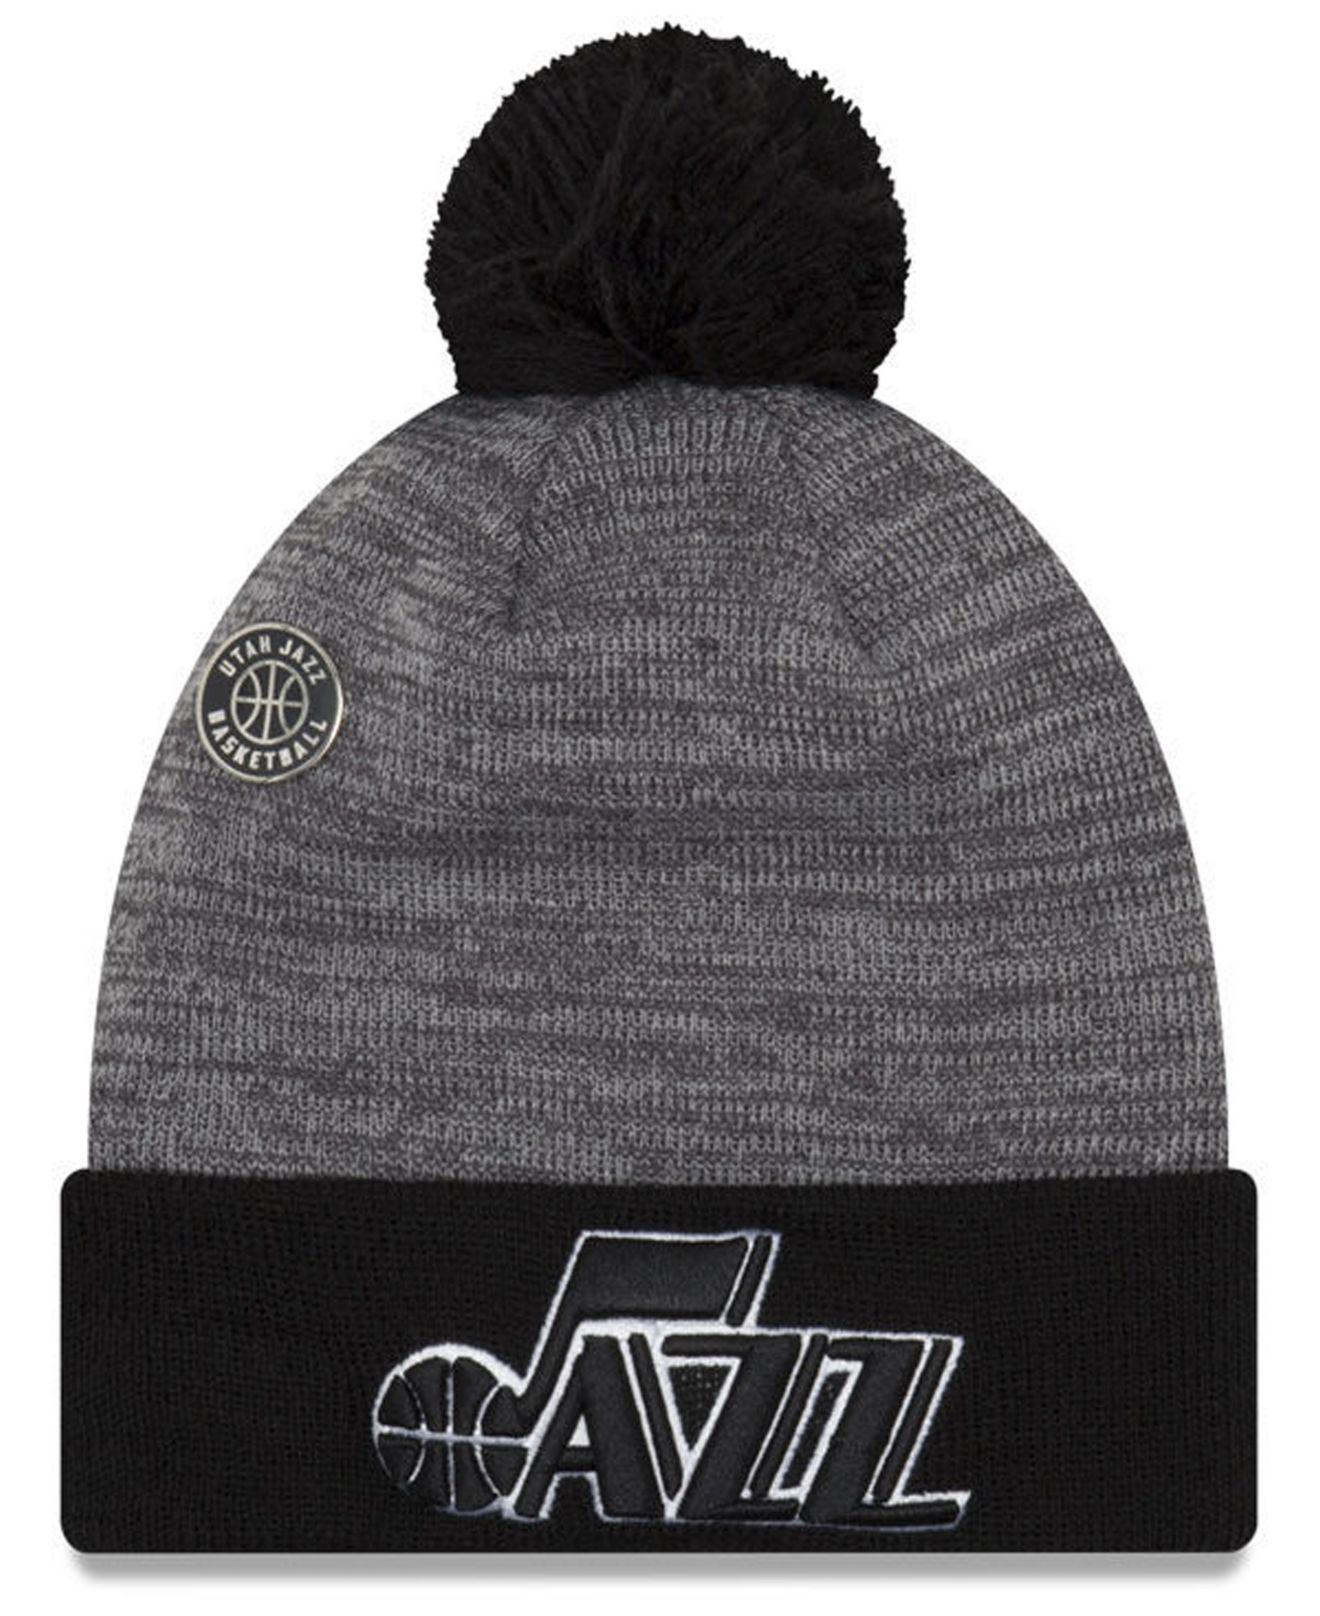 new products 9e77a 447c9 ... discount ktz. mens black utah jazz pin pom knit hat 8633f 94405